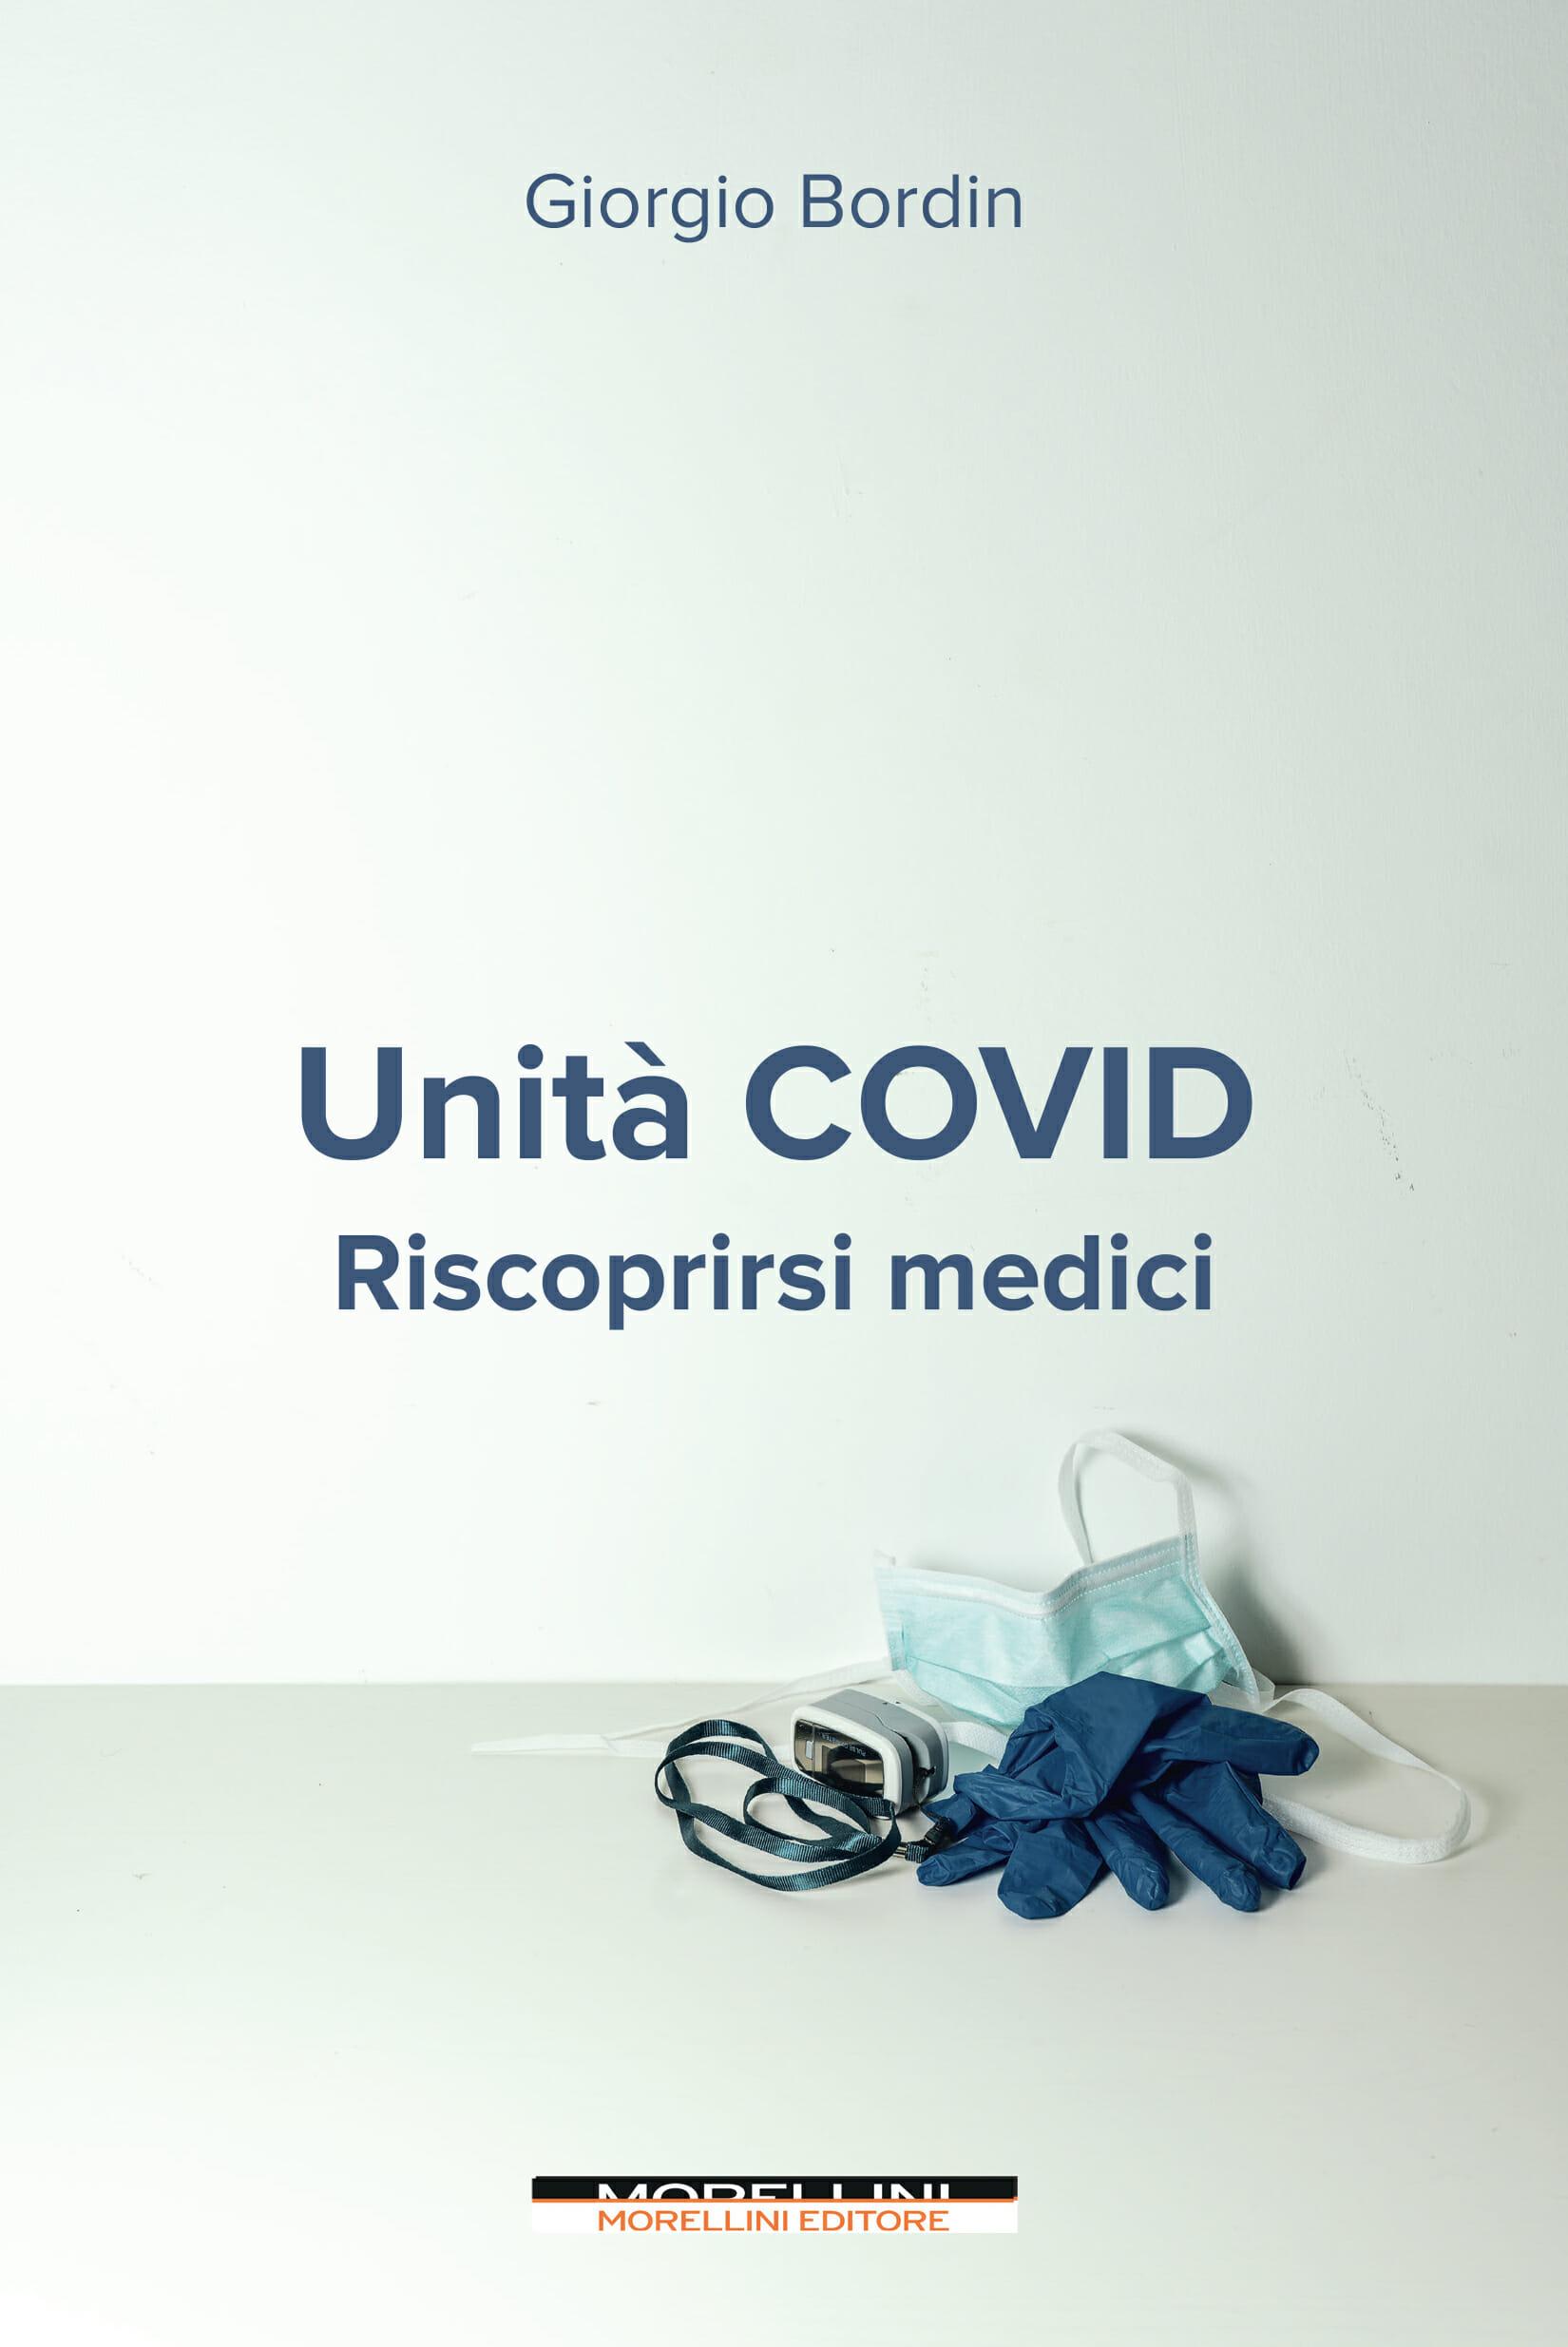 Unita Covid Giorgio Bordin